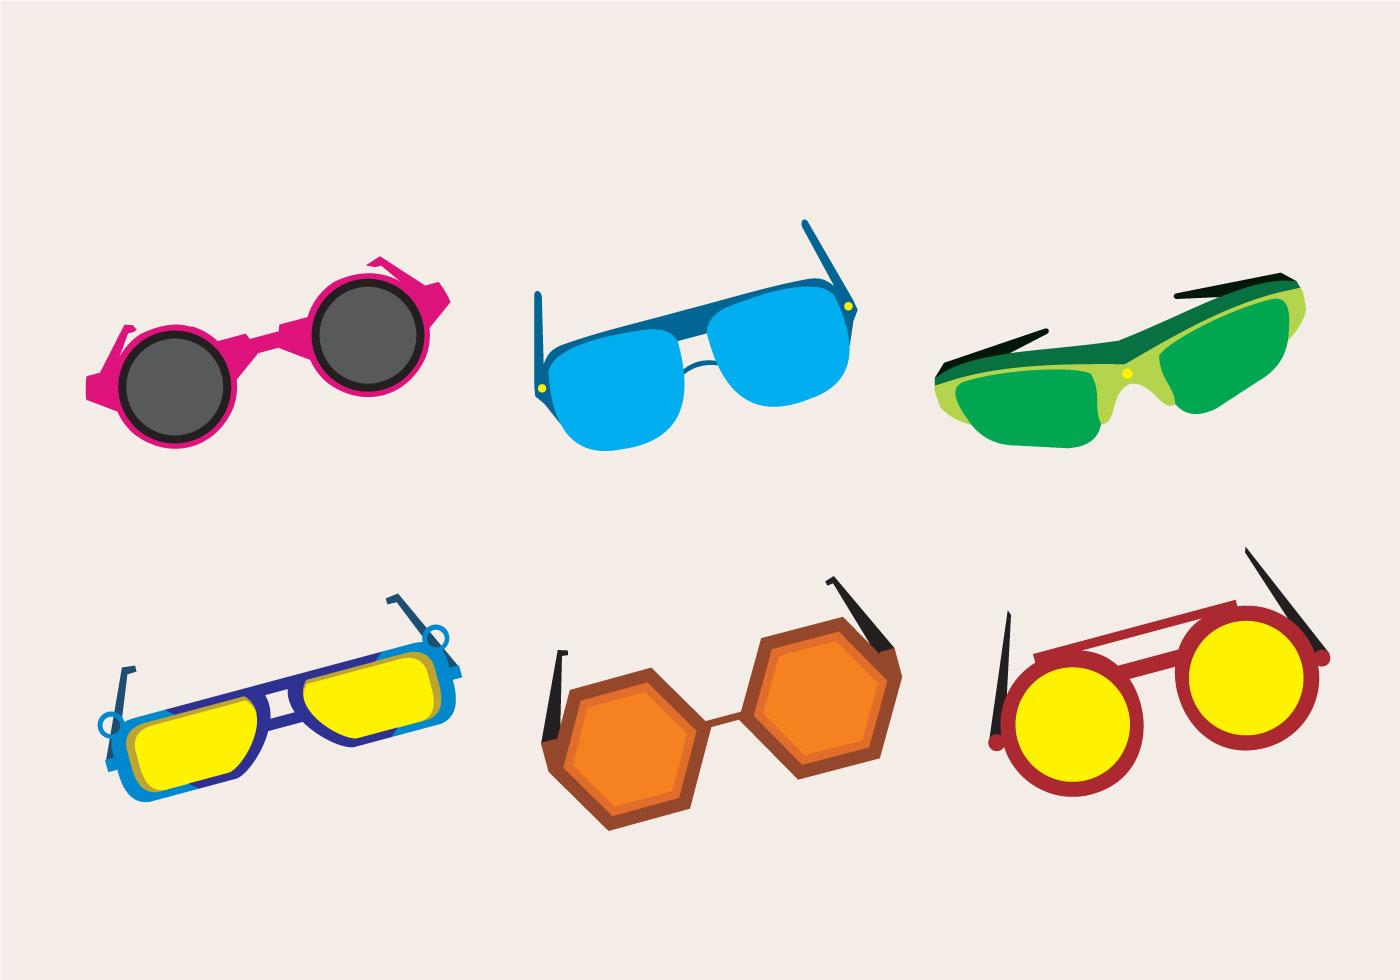 Pink Glasses Png Image - Transparent Background Sunglasses Clip Art - Free  Transparent PNG Clipart Images Download